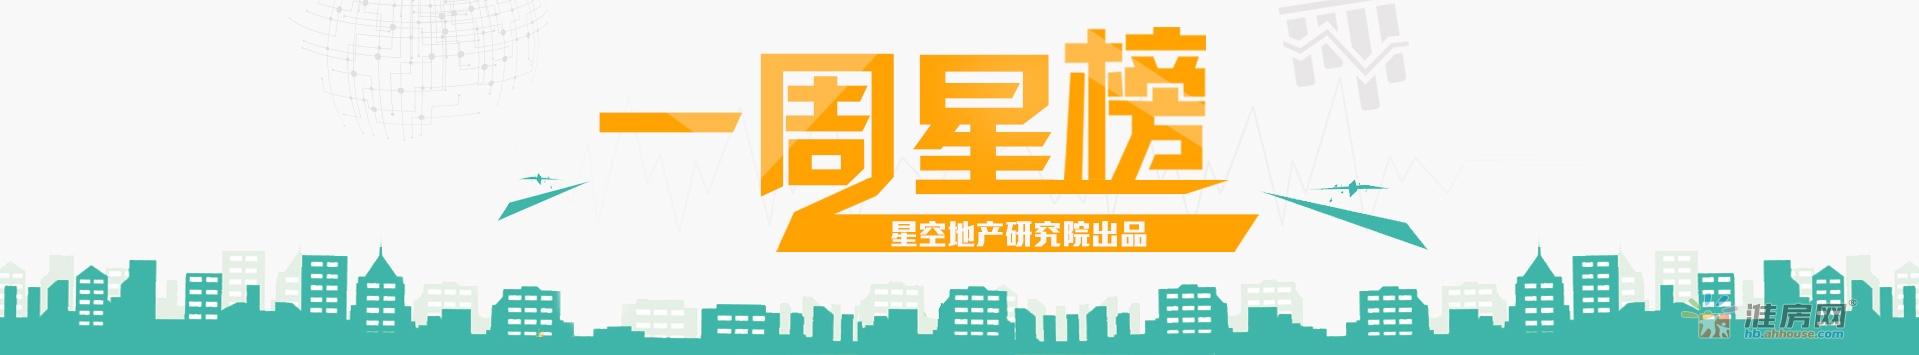 24周淮北商品房成交259套 环比上涨了76.19%